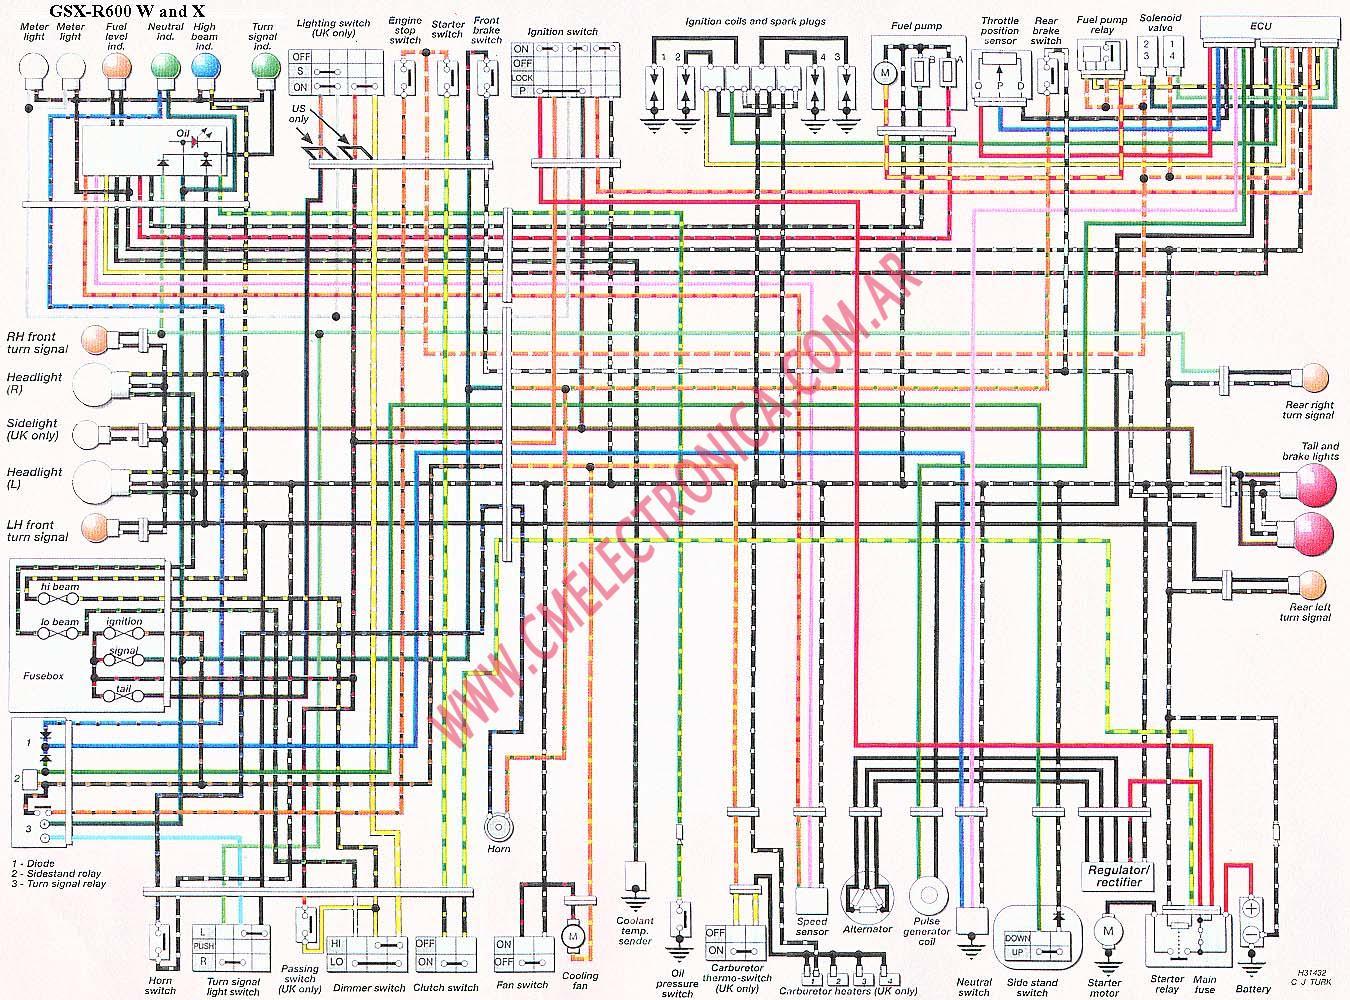 Suzuki Bandit 600 Wiring Diagram | Wiring Liry